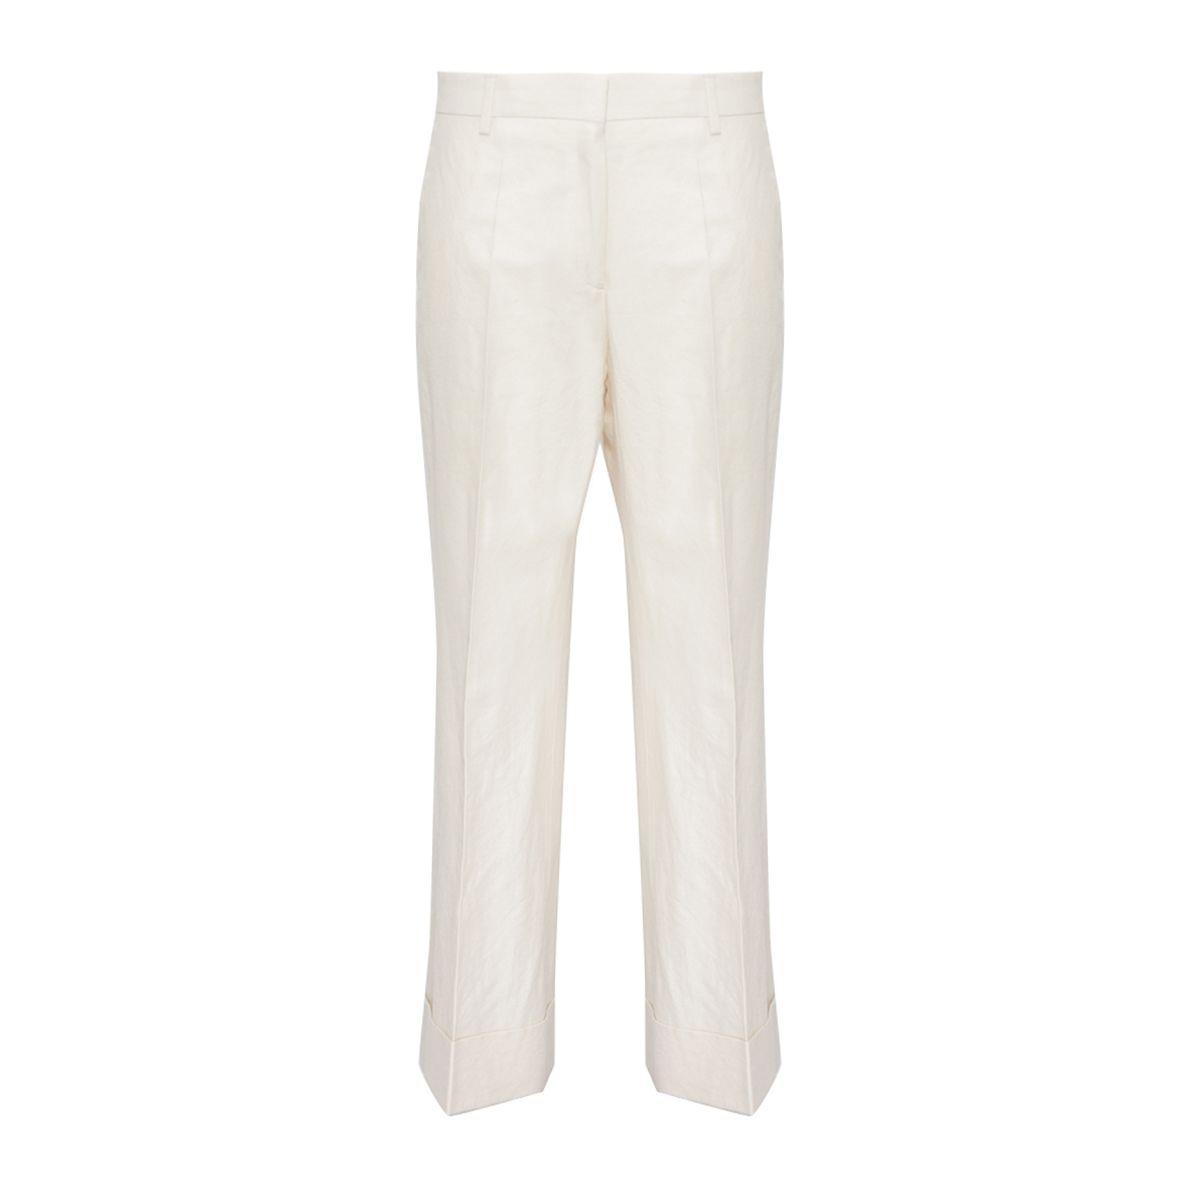 Dries Van Noten Wide Leg Trousers